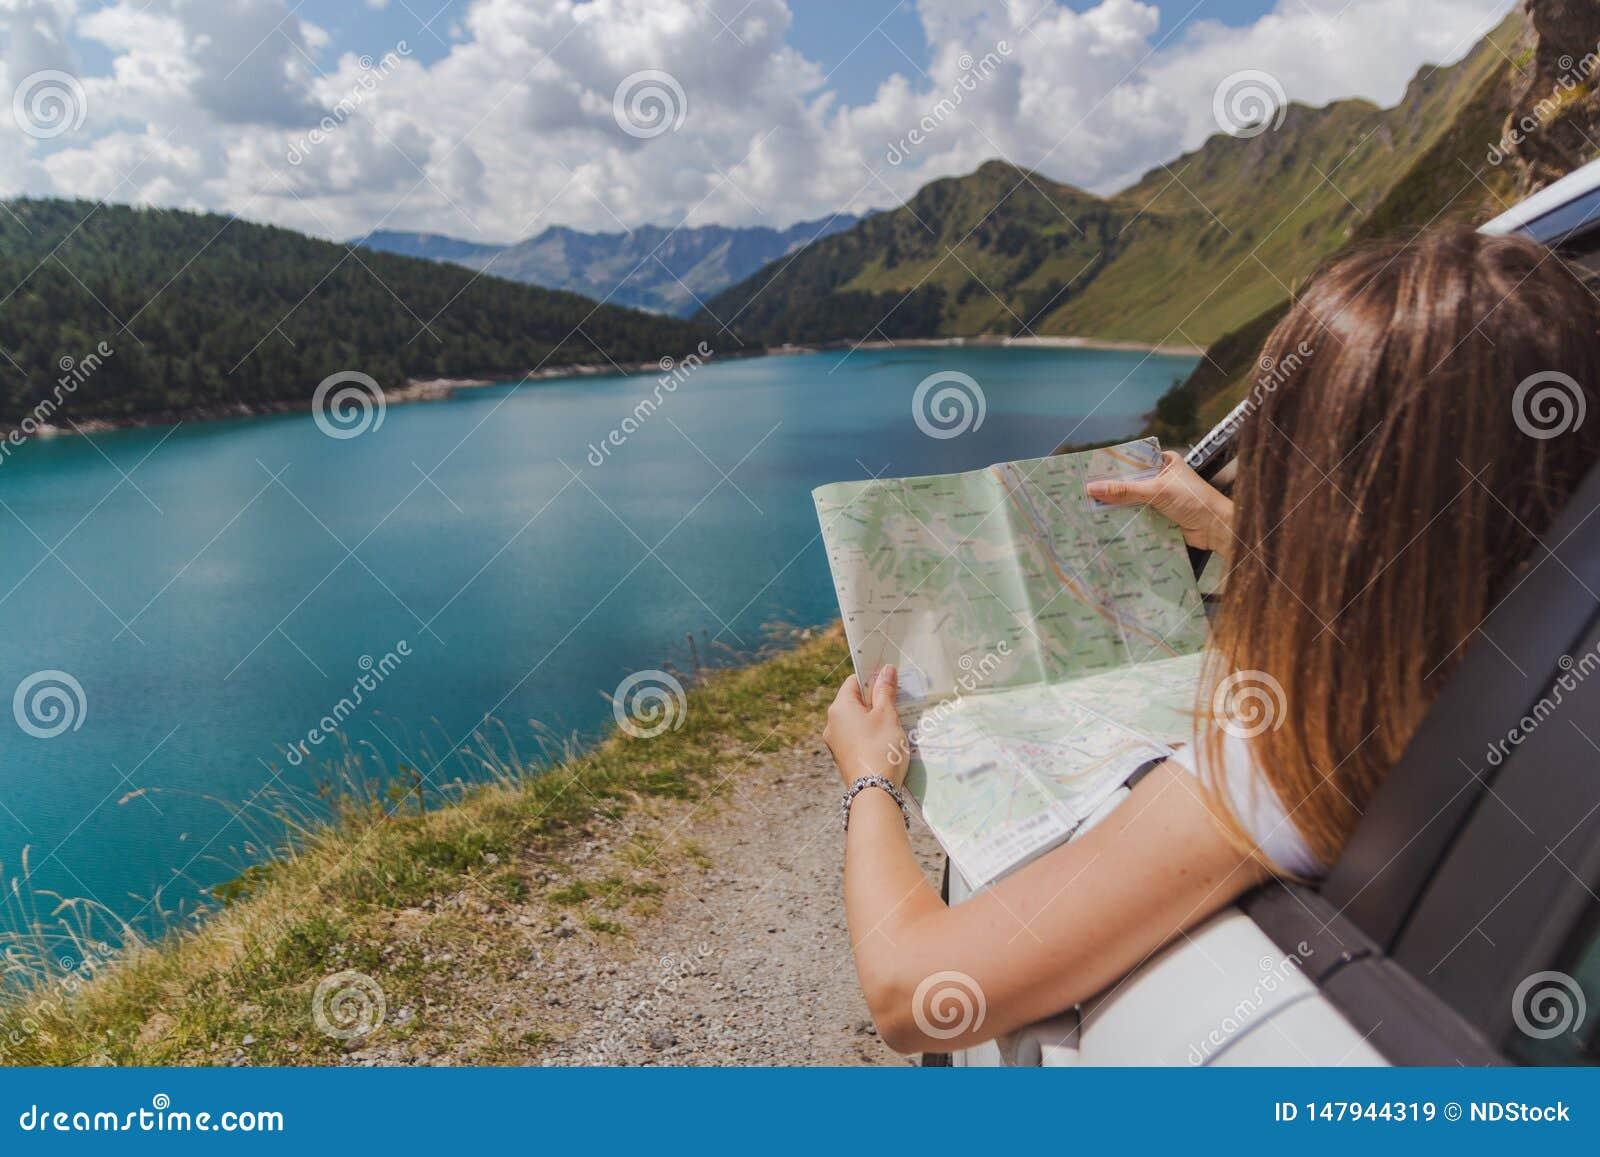 La giovane donna ha perso nelle montagne con la sua automobile che guarda la mappa per trovare la strada giusta